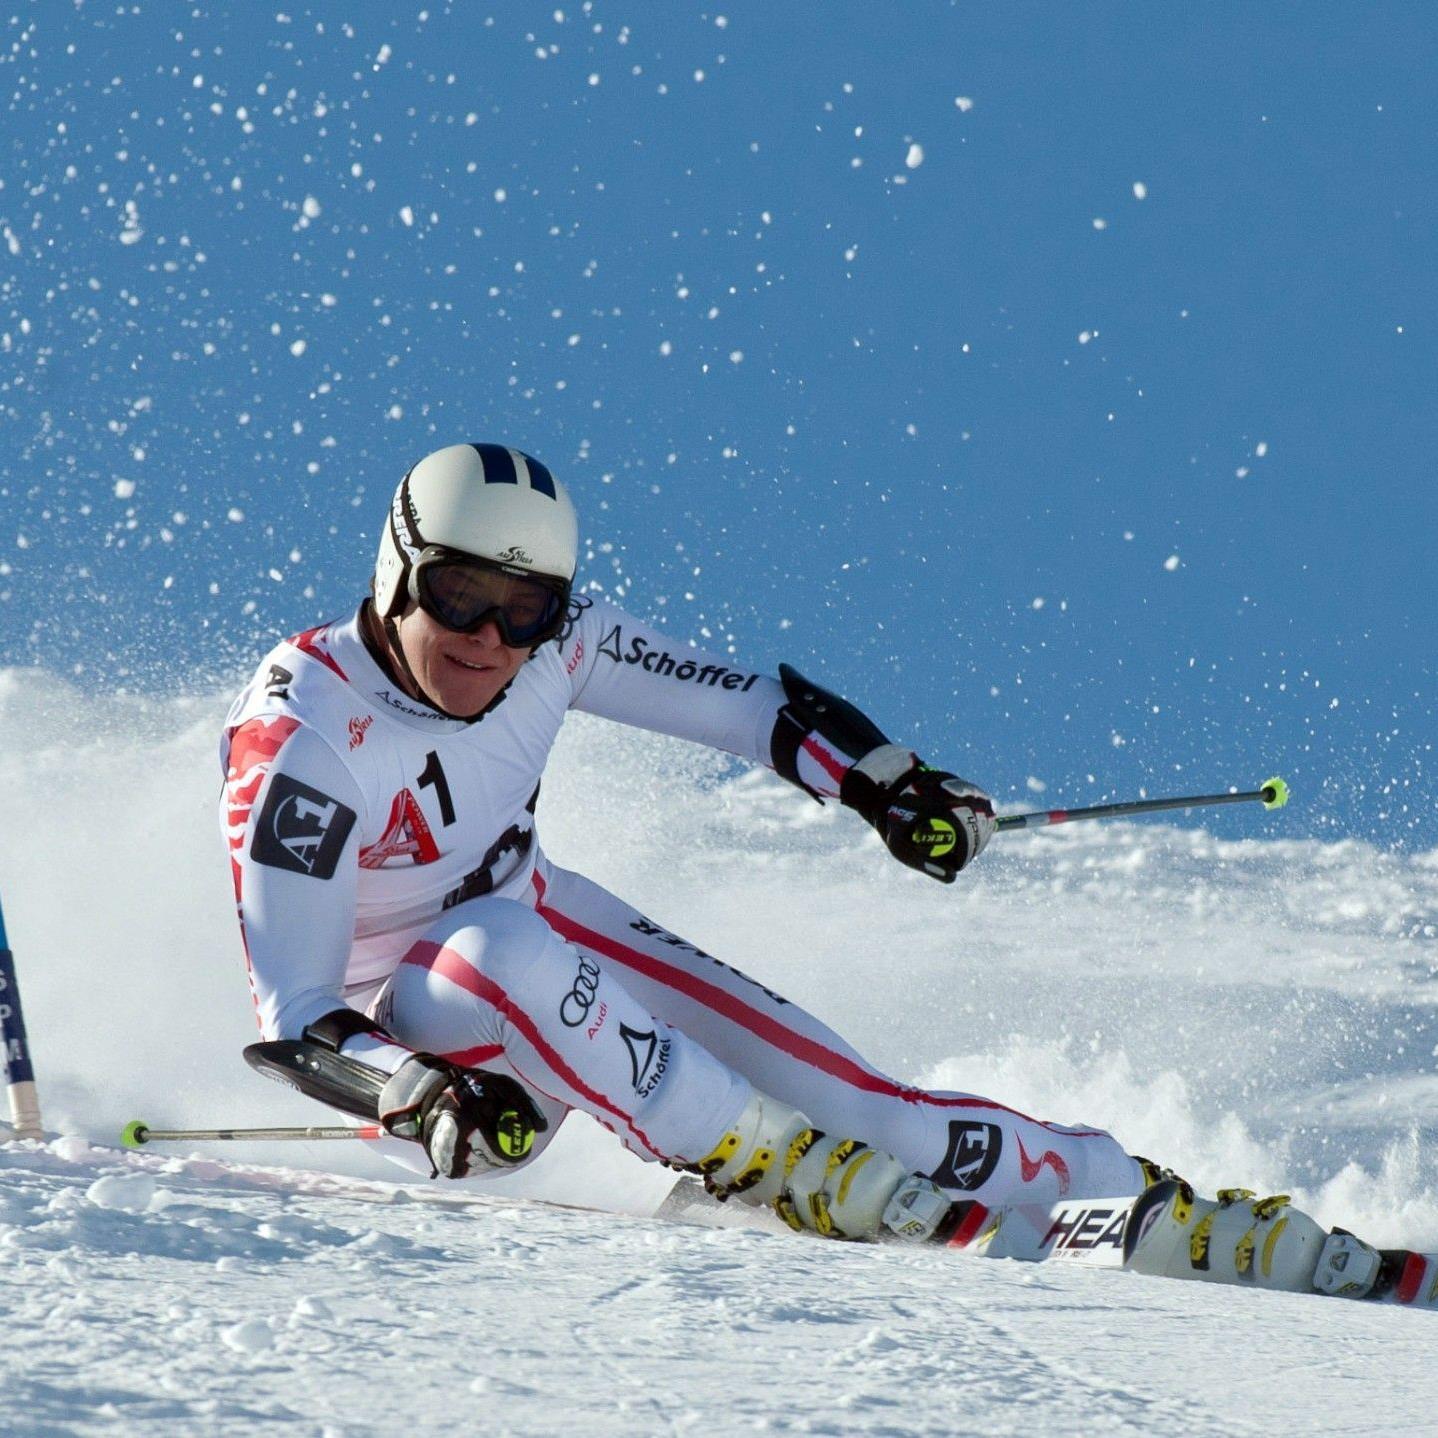 BErnhard Graf muss sich am Freitag in der internen ÖSV-Qualifikation in Sölden durchsetzen.